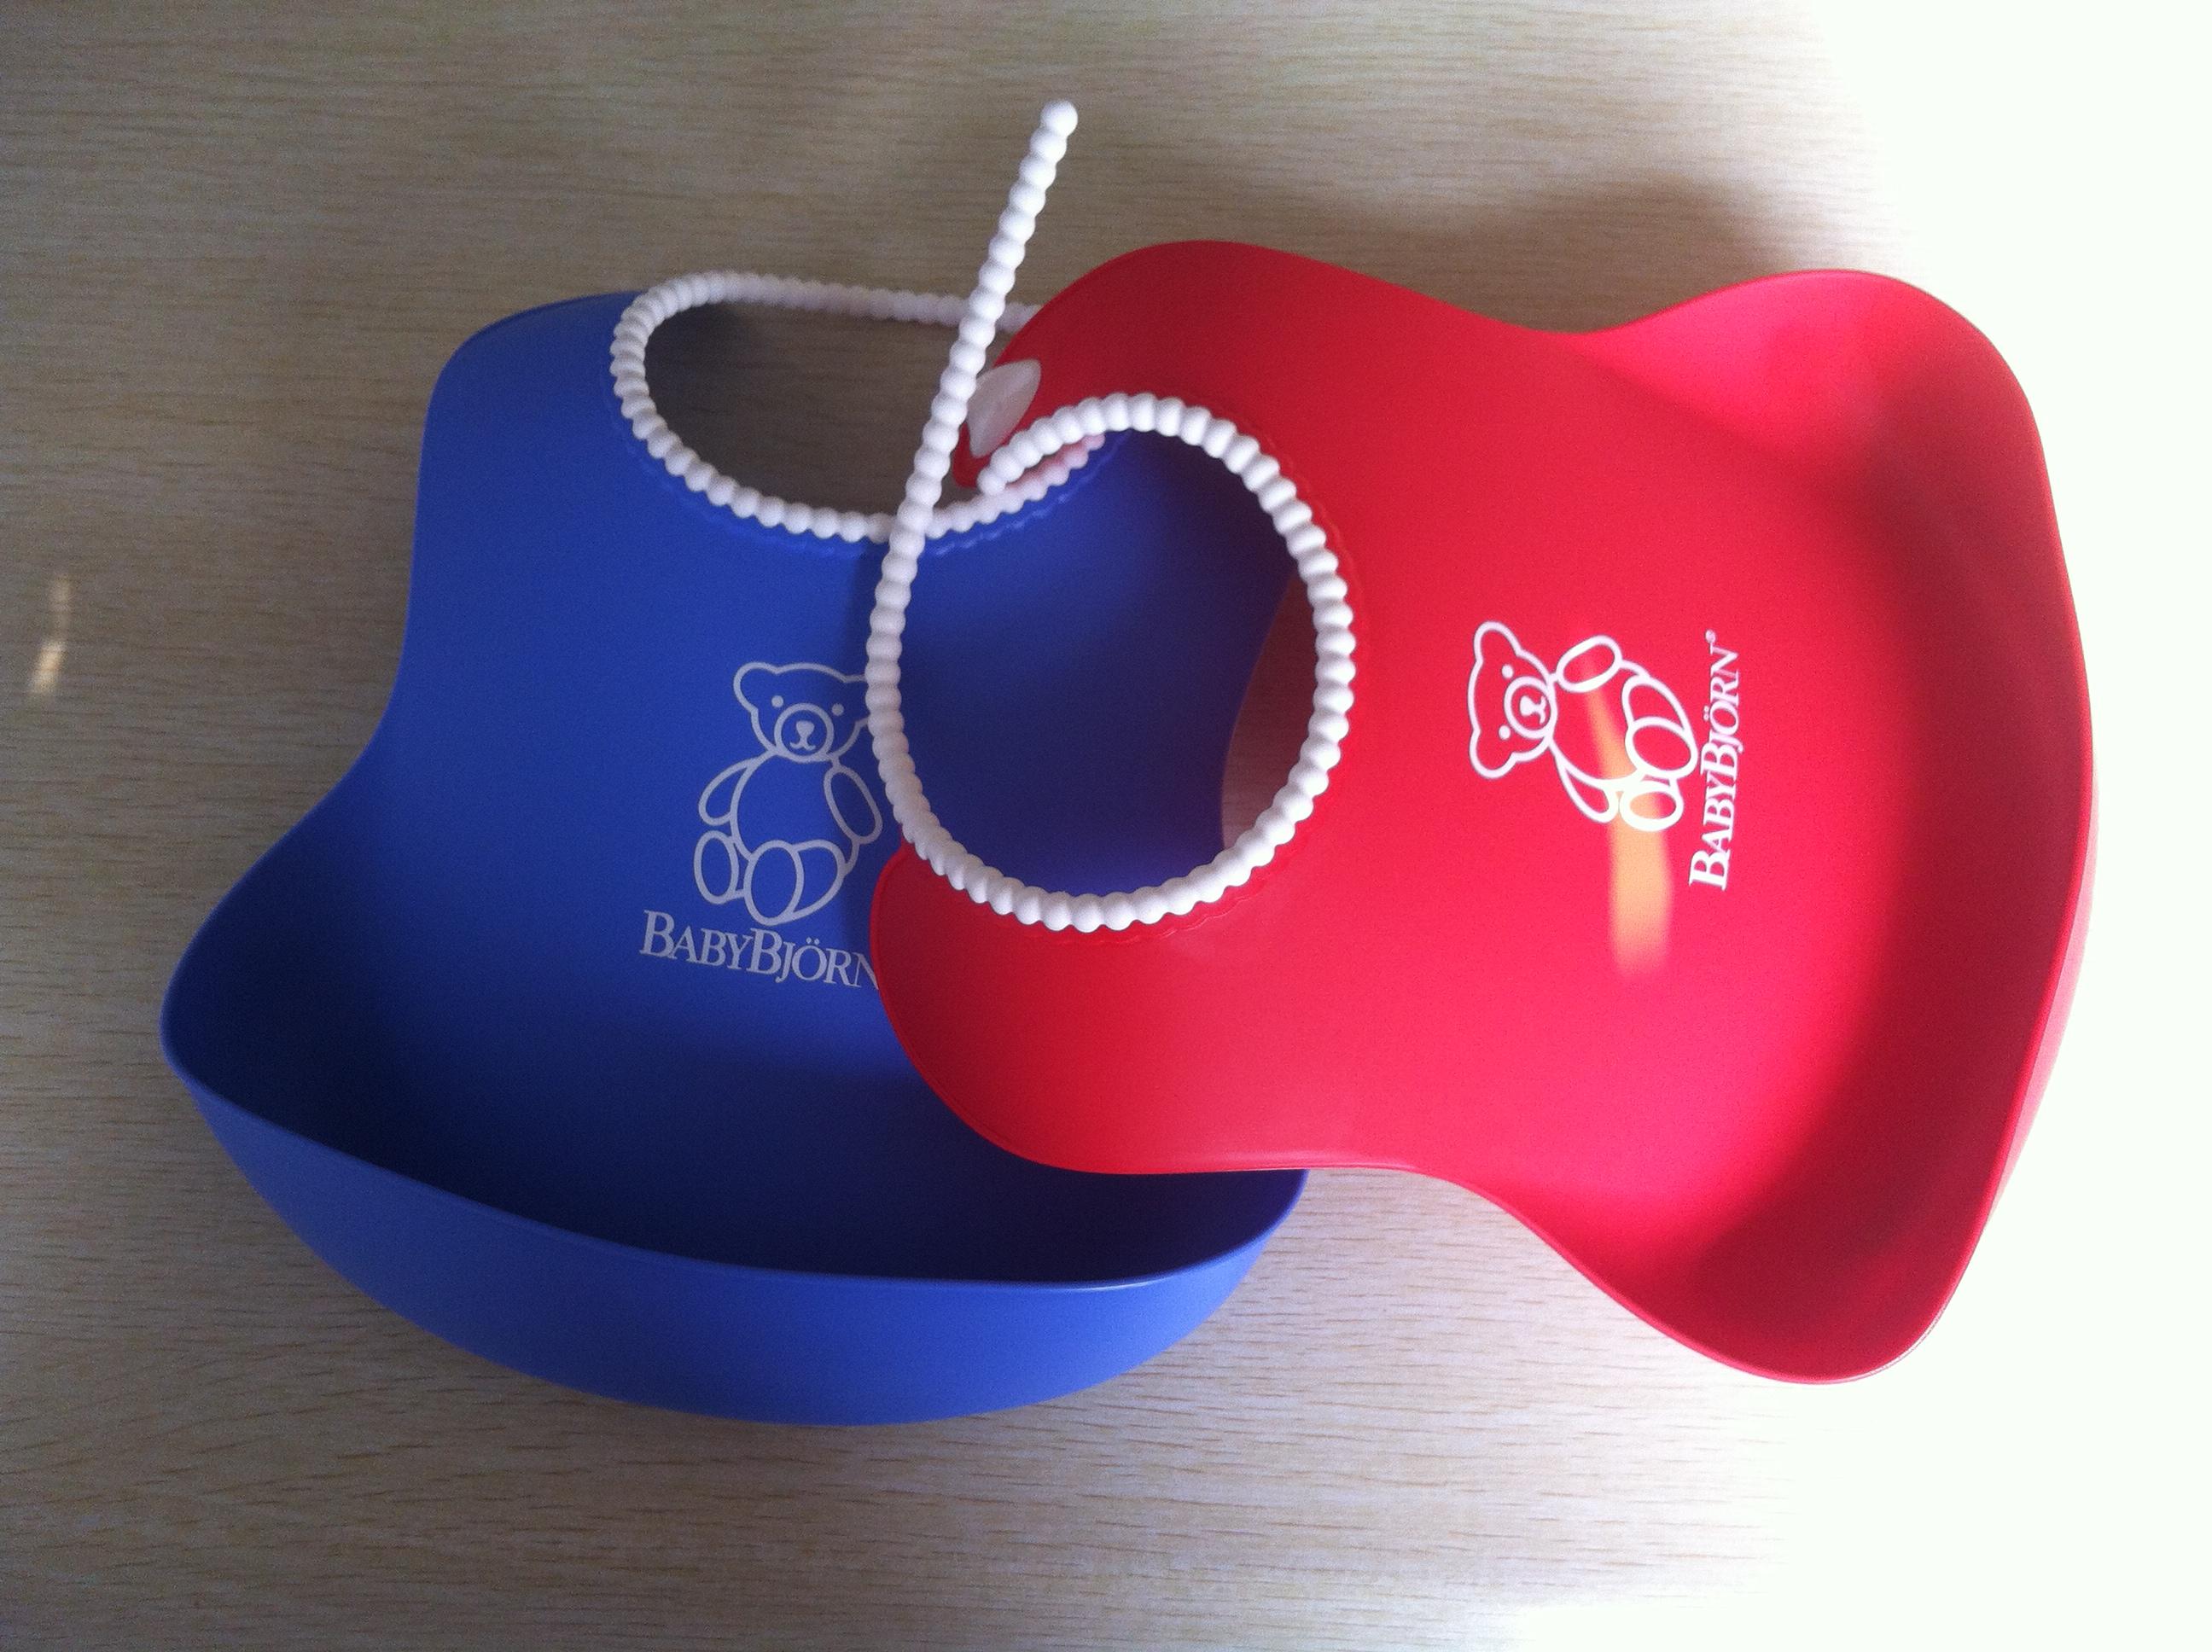 婴儿防水硅胶防碎屑围兜/围嘴(红色 蓝色)